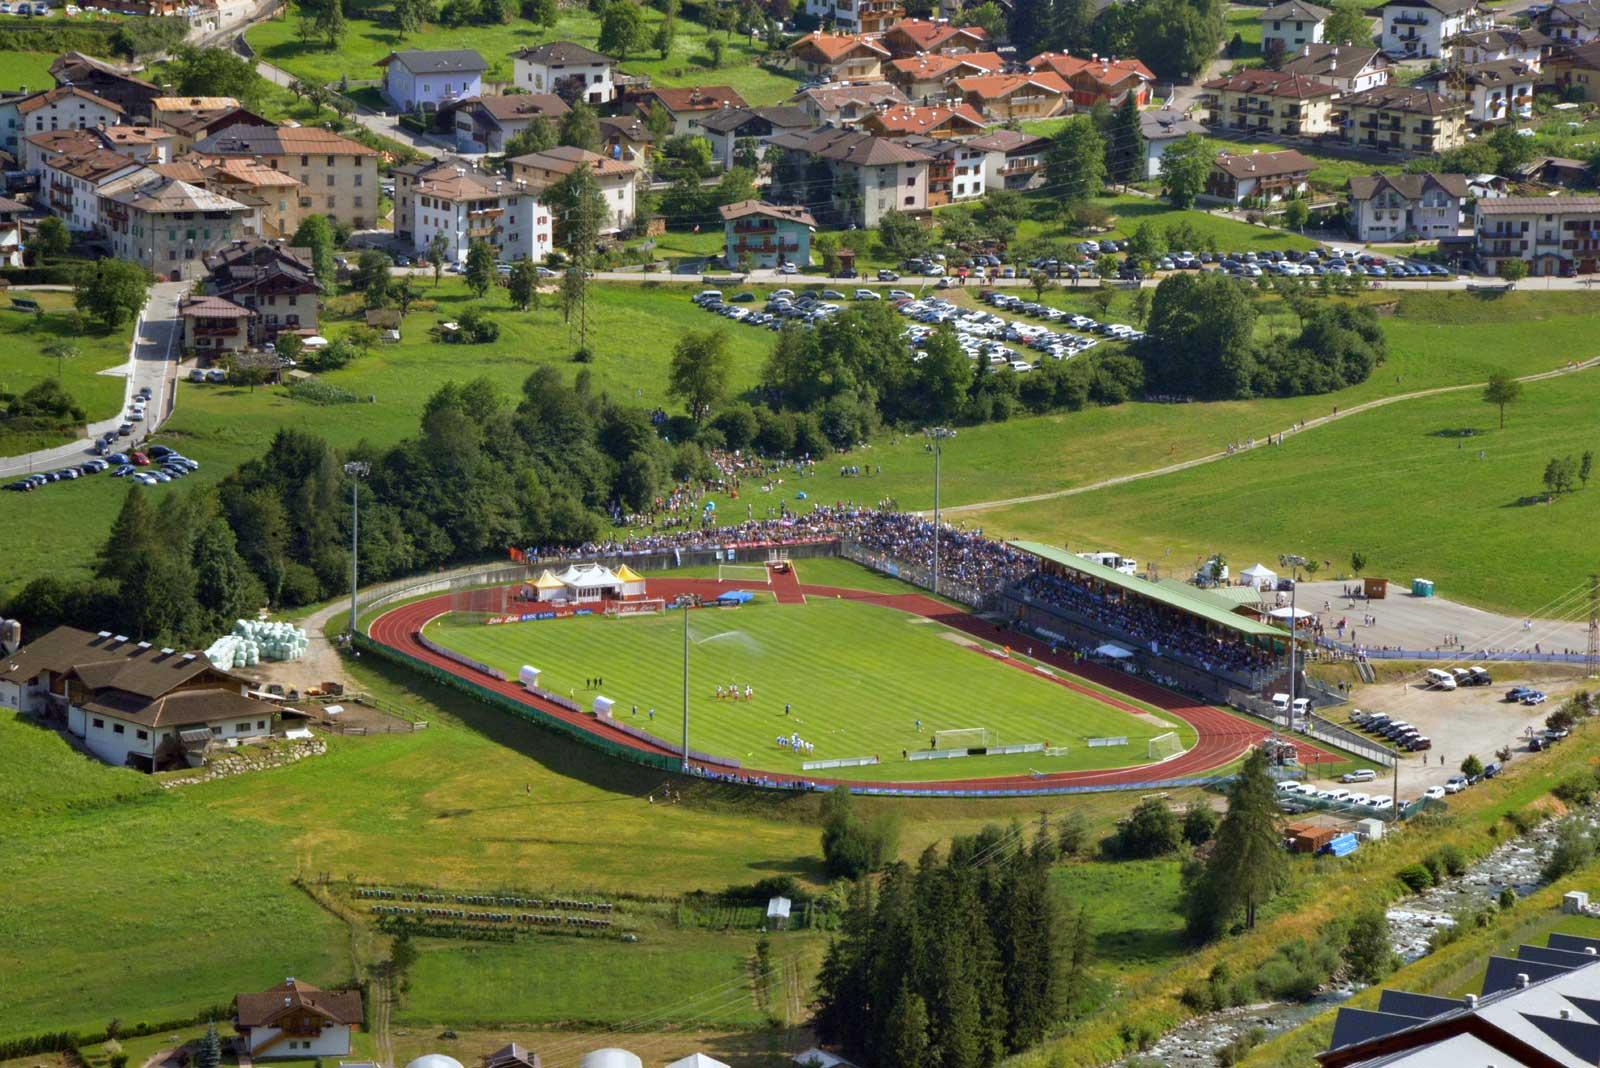 Il bellissimo centro sportivo dove si allena in Napoli durante il ritiro a Dimaro